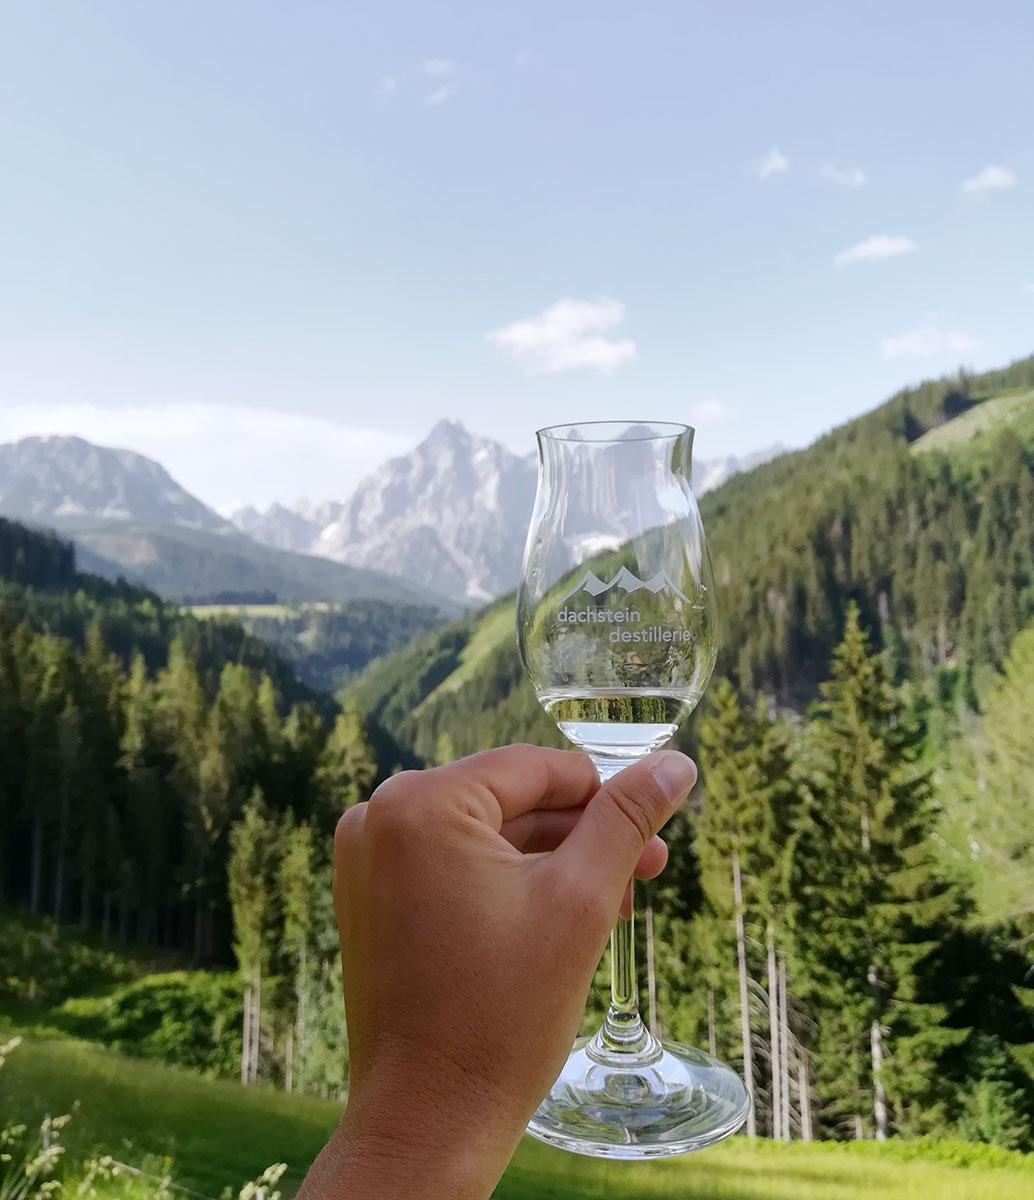 Dachstein Destillerie Salzburg